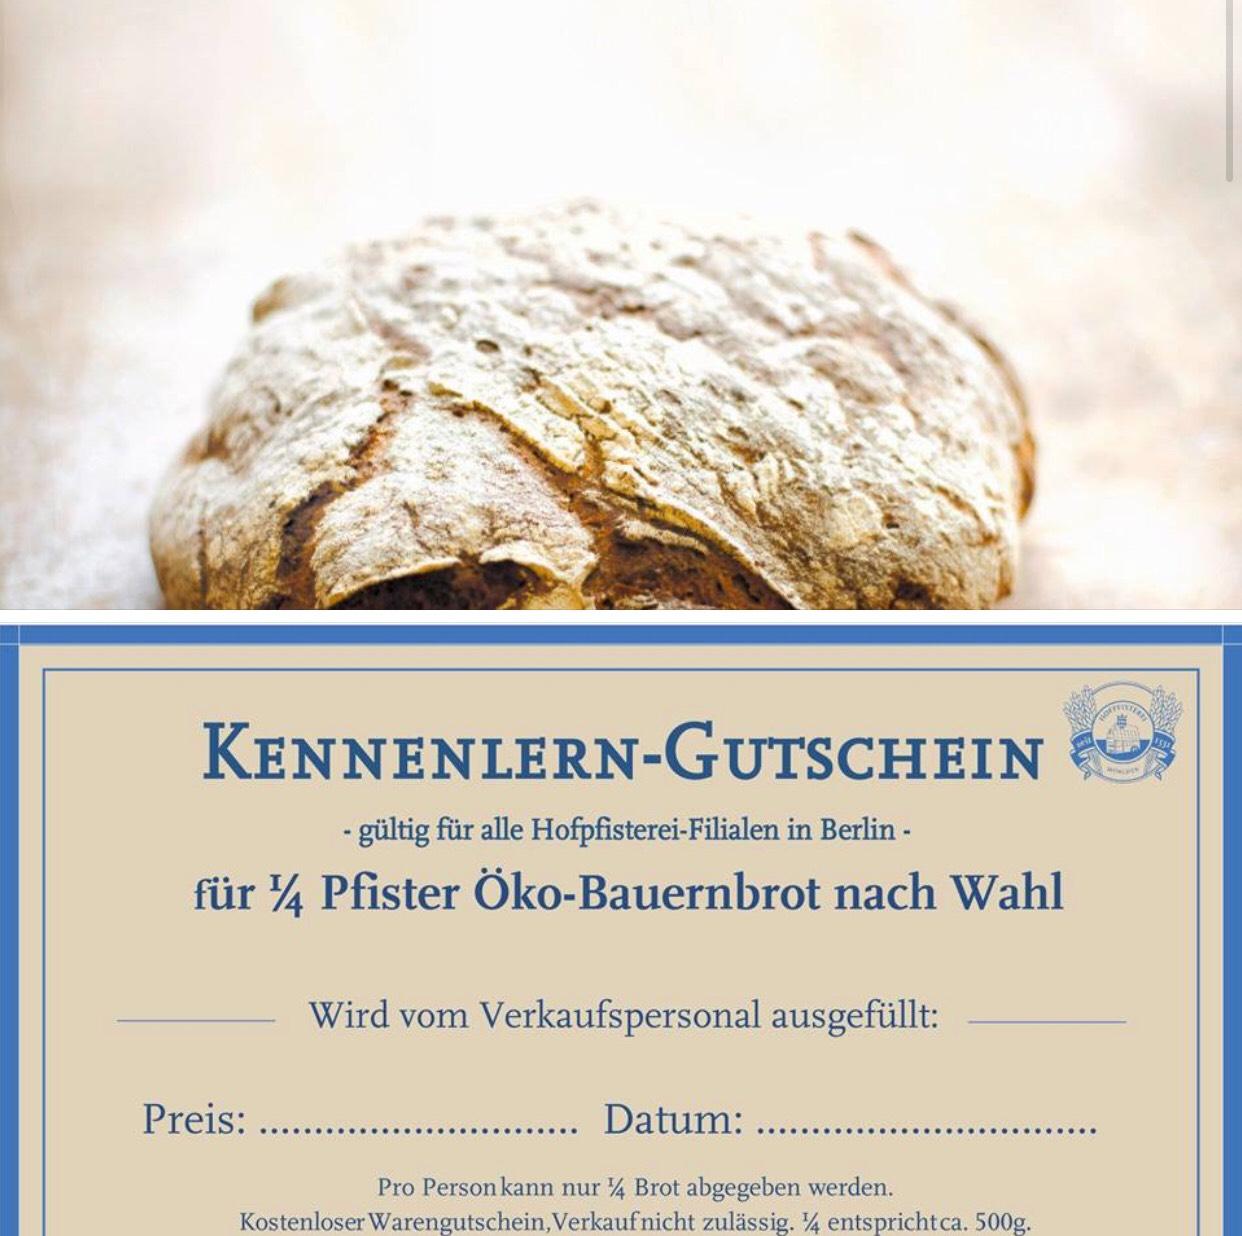 [Berlin] *Kennenlerngutschein* Gratis Brot von der Hofpfisterei